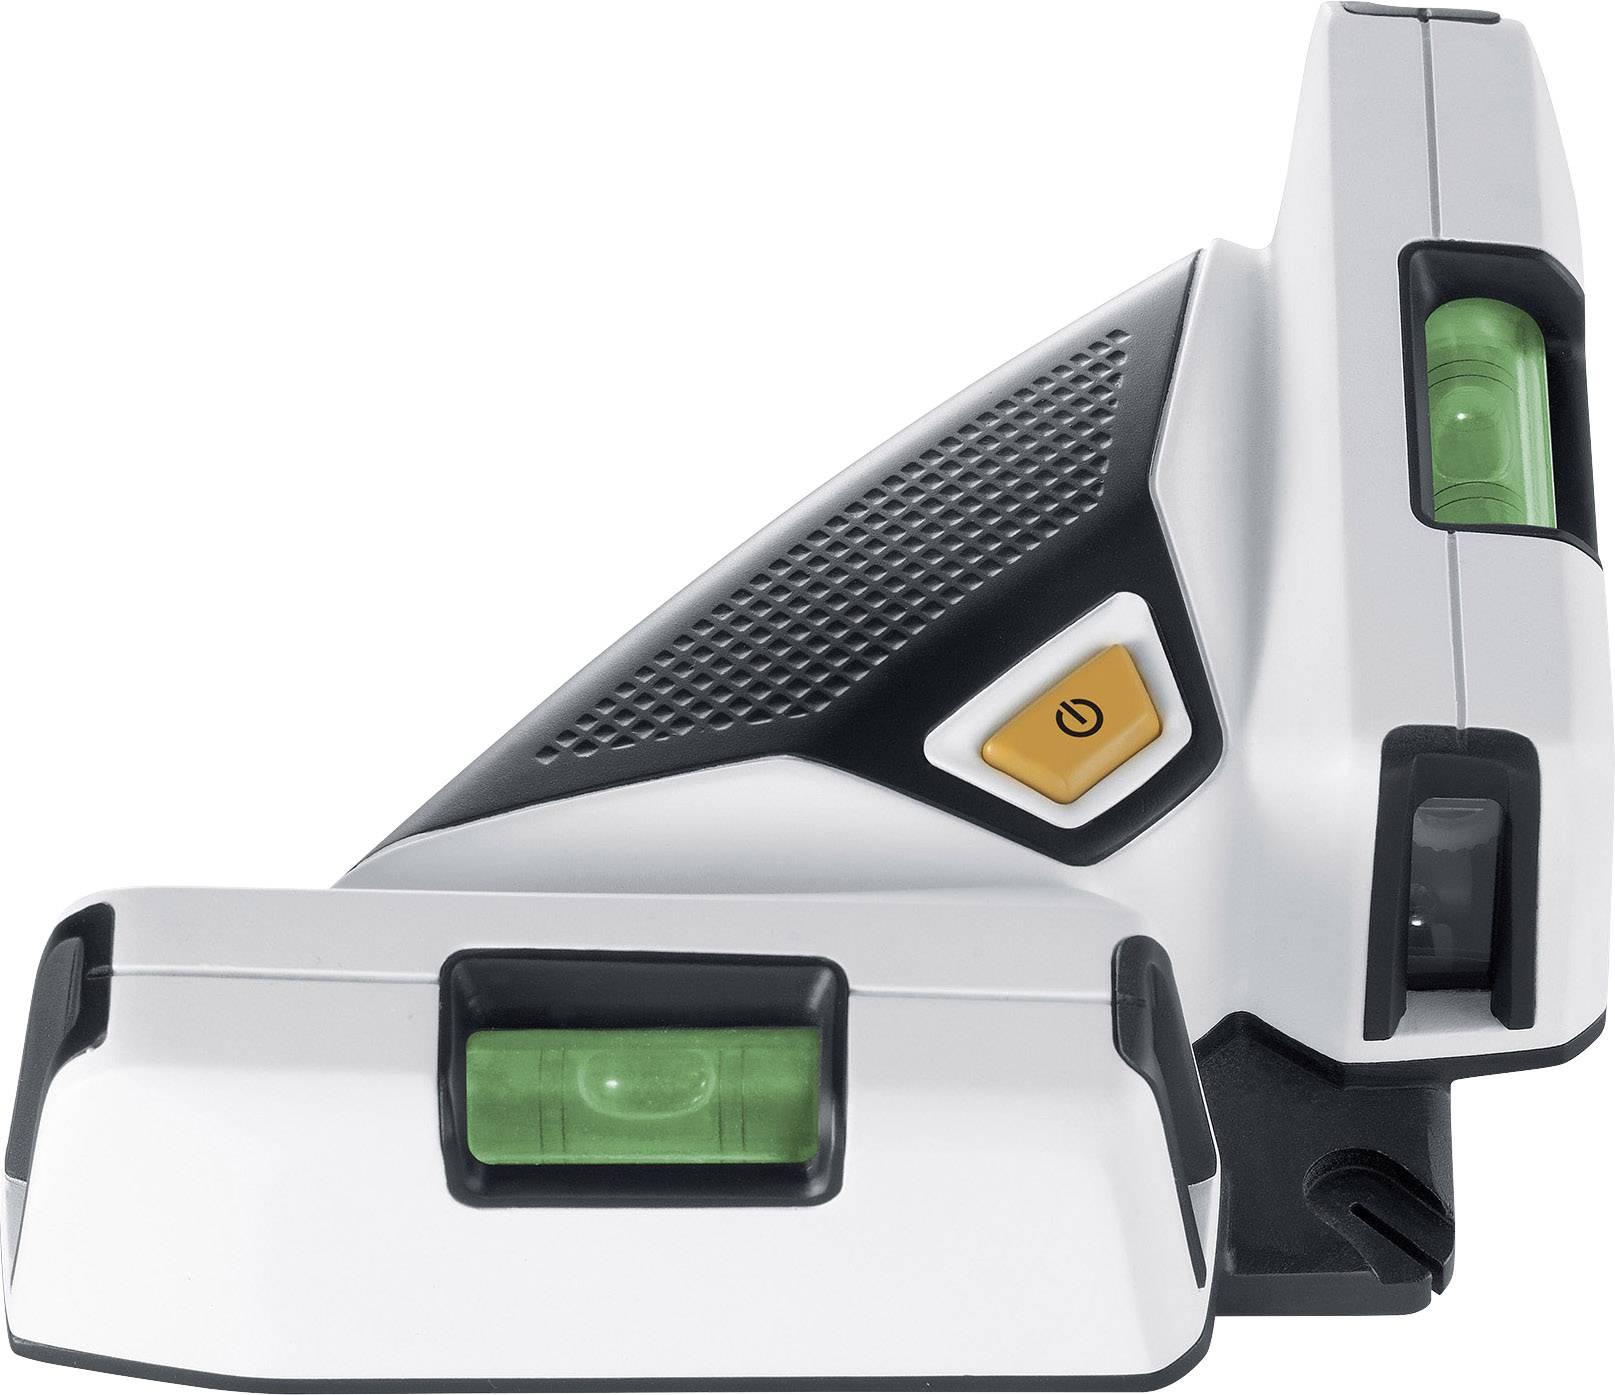 Křížová laserová vodováha Laserliner SuperSquare-Laser 4 081.134A, dosah (max.): 15 m, Kalibrováno dle: bez certifikátu